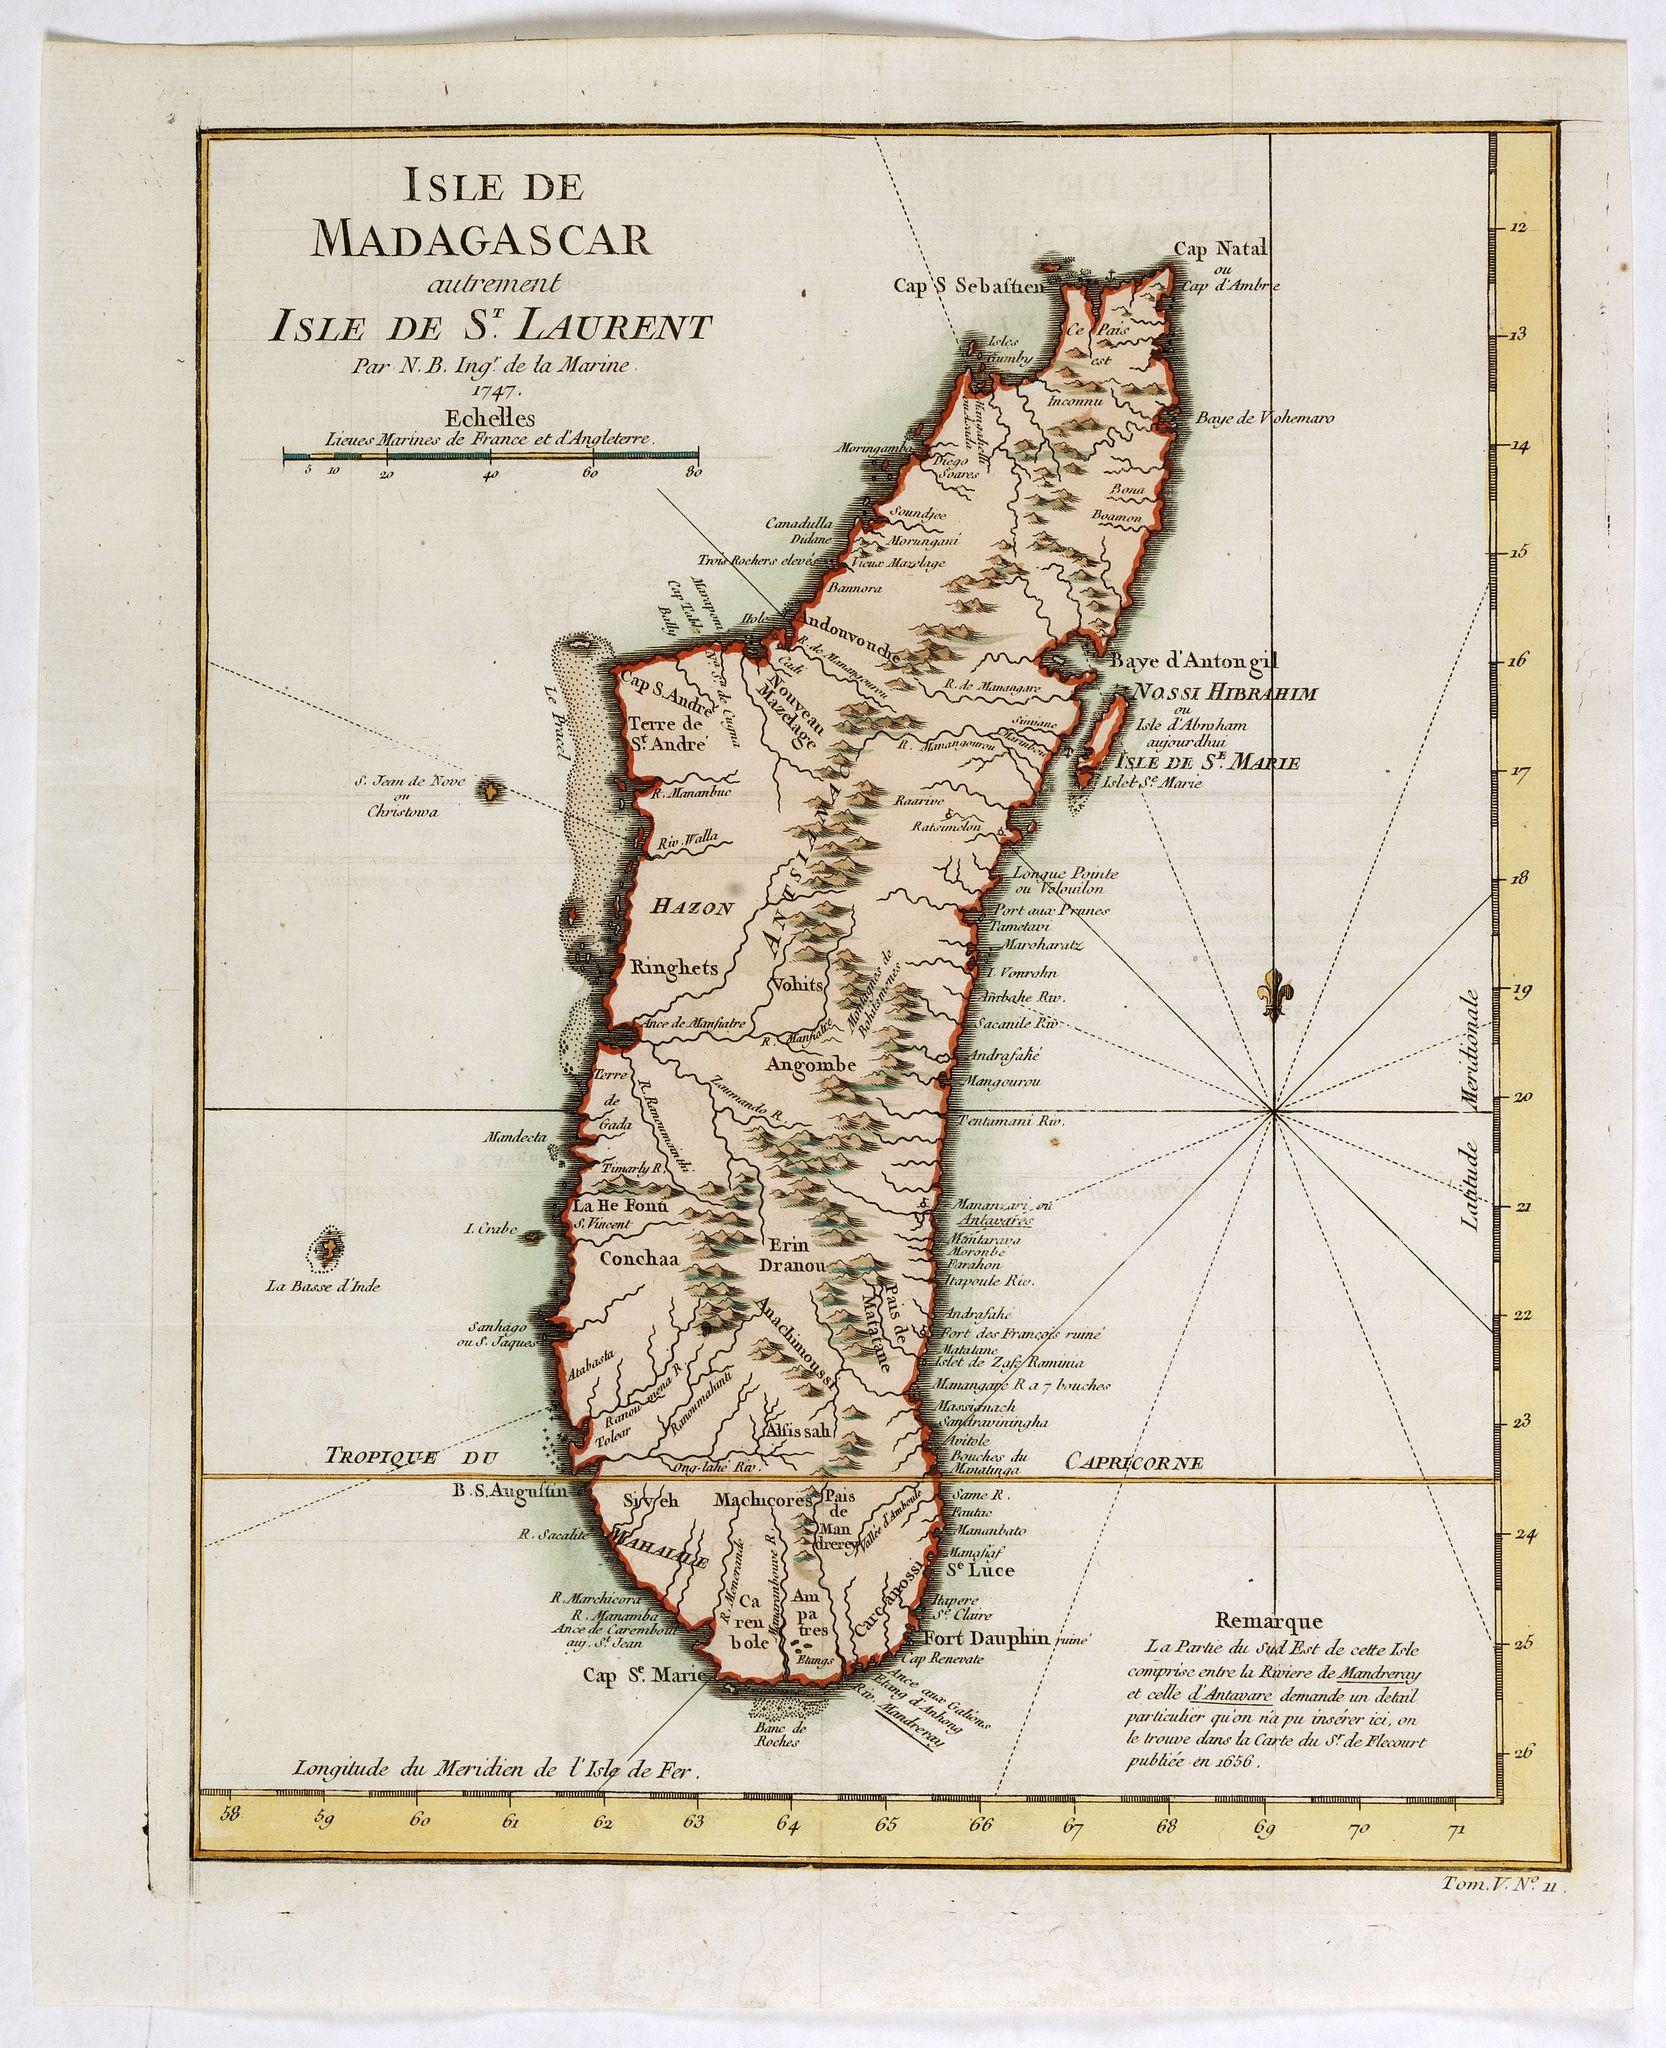 BELLIN, J.N. -  Isle de Madagascar autrement Isle de St. Laurent . . .